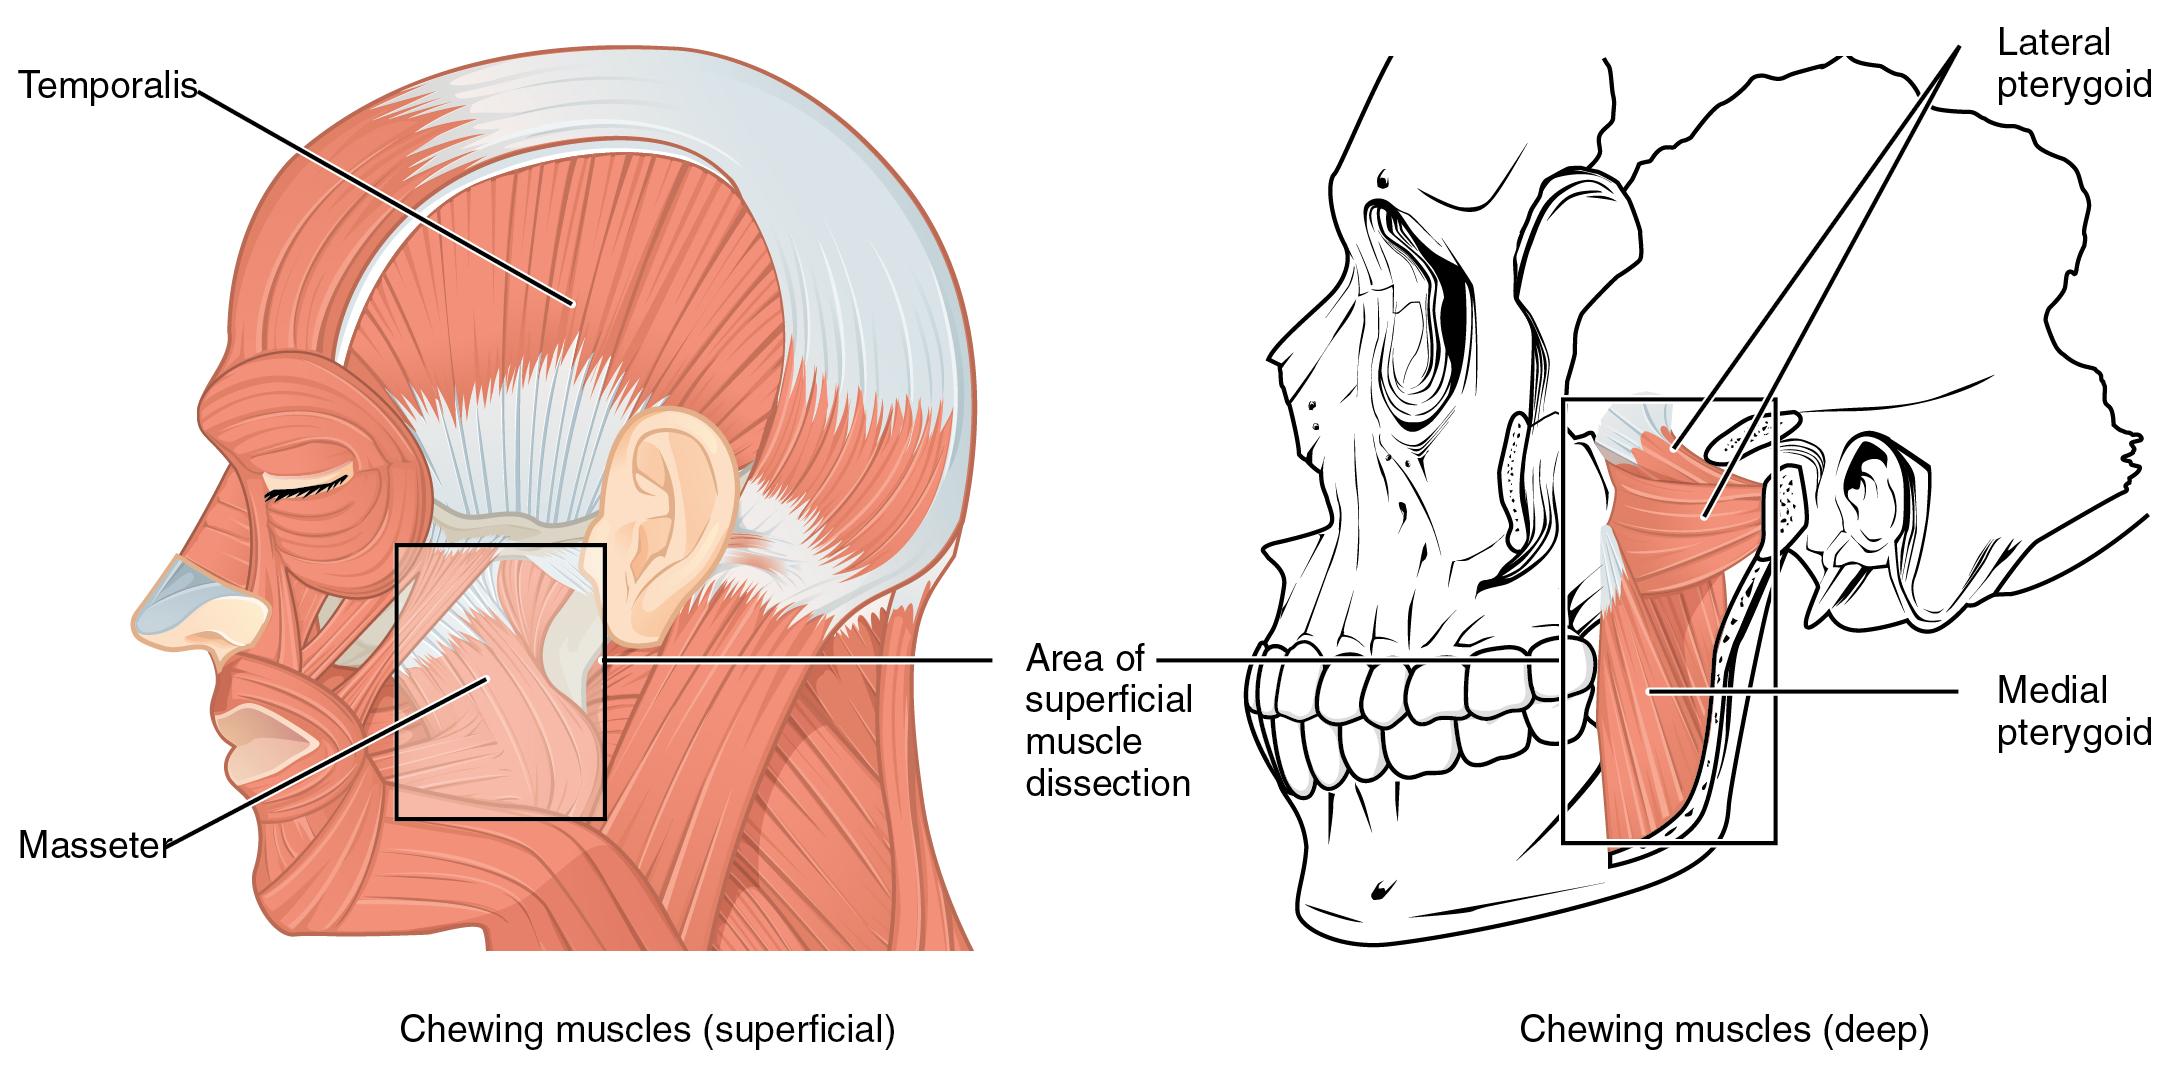 Abbildung der Muskel, die den unteren Kiefer bewegen